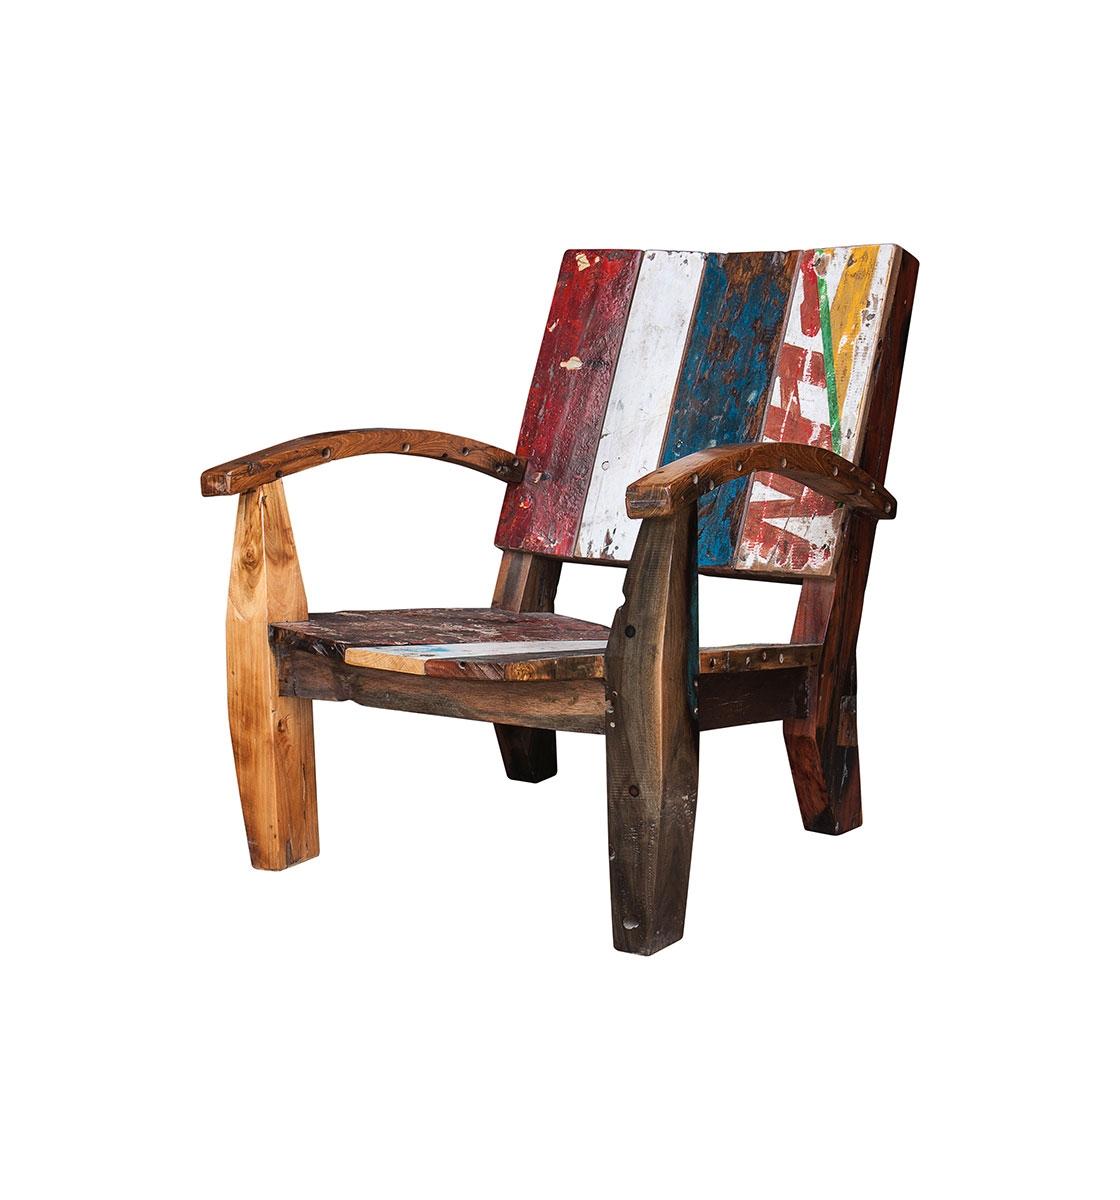 Кресло НьютонПолукресла<br>Кресло, выполненное из массива древесины старого рыбацкого судна, такой как: тик, махагон, суар, с сохранением оригинальной многослойной окраски.<br><br>С 2 подлокотниками, подходит для работы и отдыха.<br>Подходит для использования как внутри помещения, так и снаружи.<br>Сборка не требуется.<br><br>Material: Тик<br>Ширина см: 85.0<br>Высота см: 85.0<br>Глубина см: 80.0